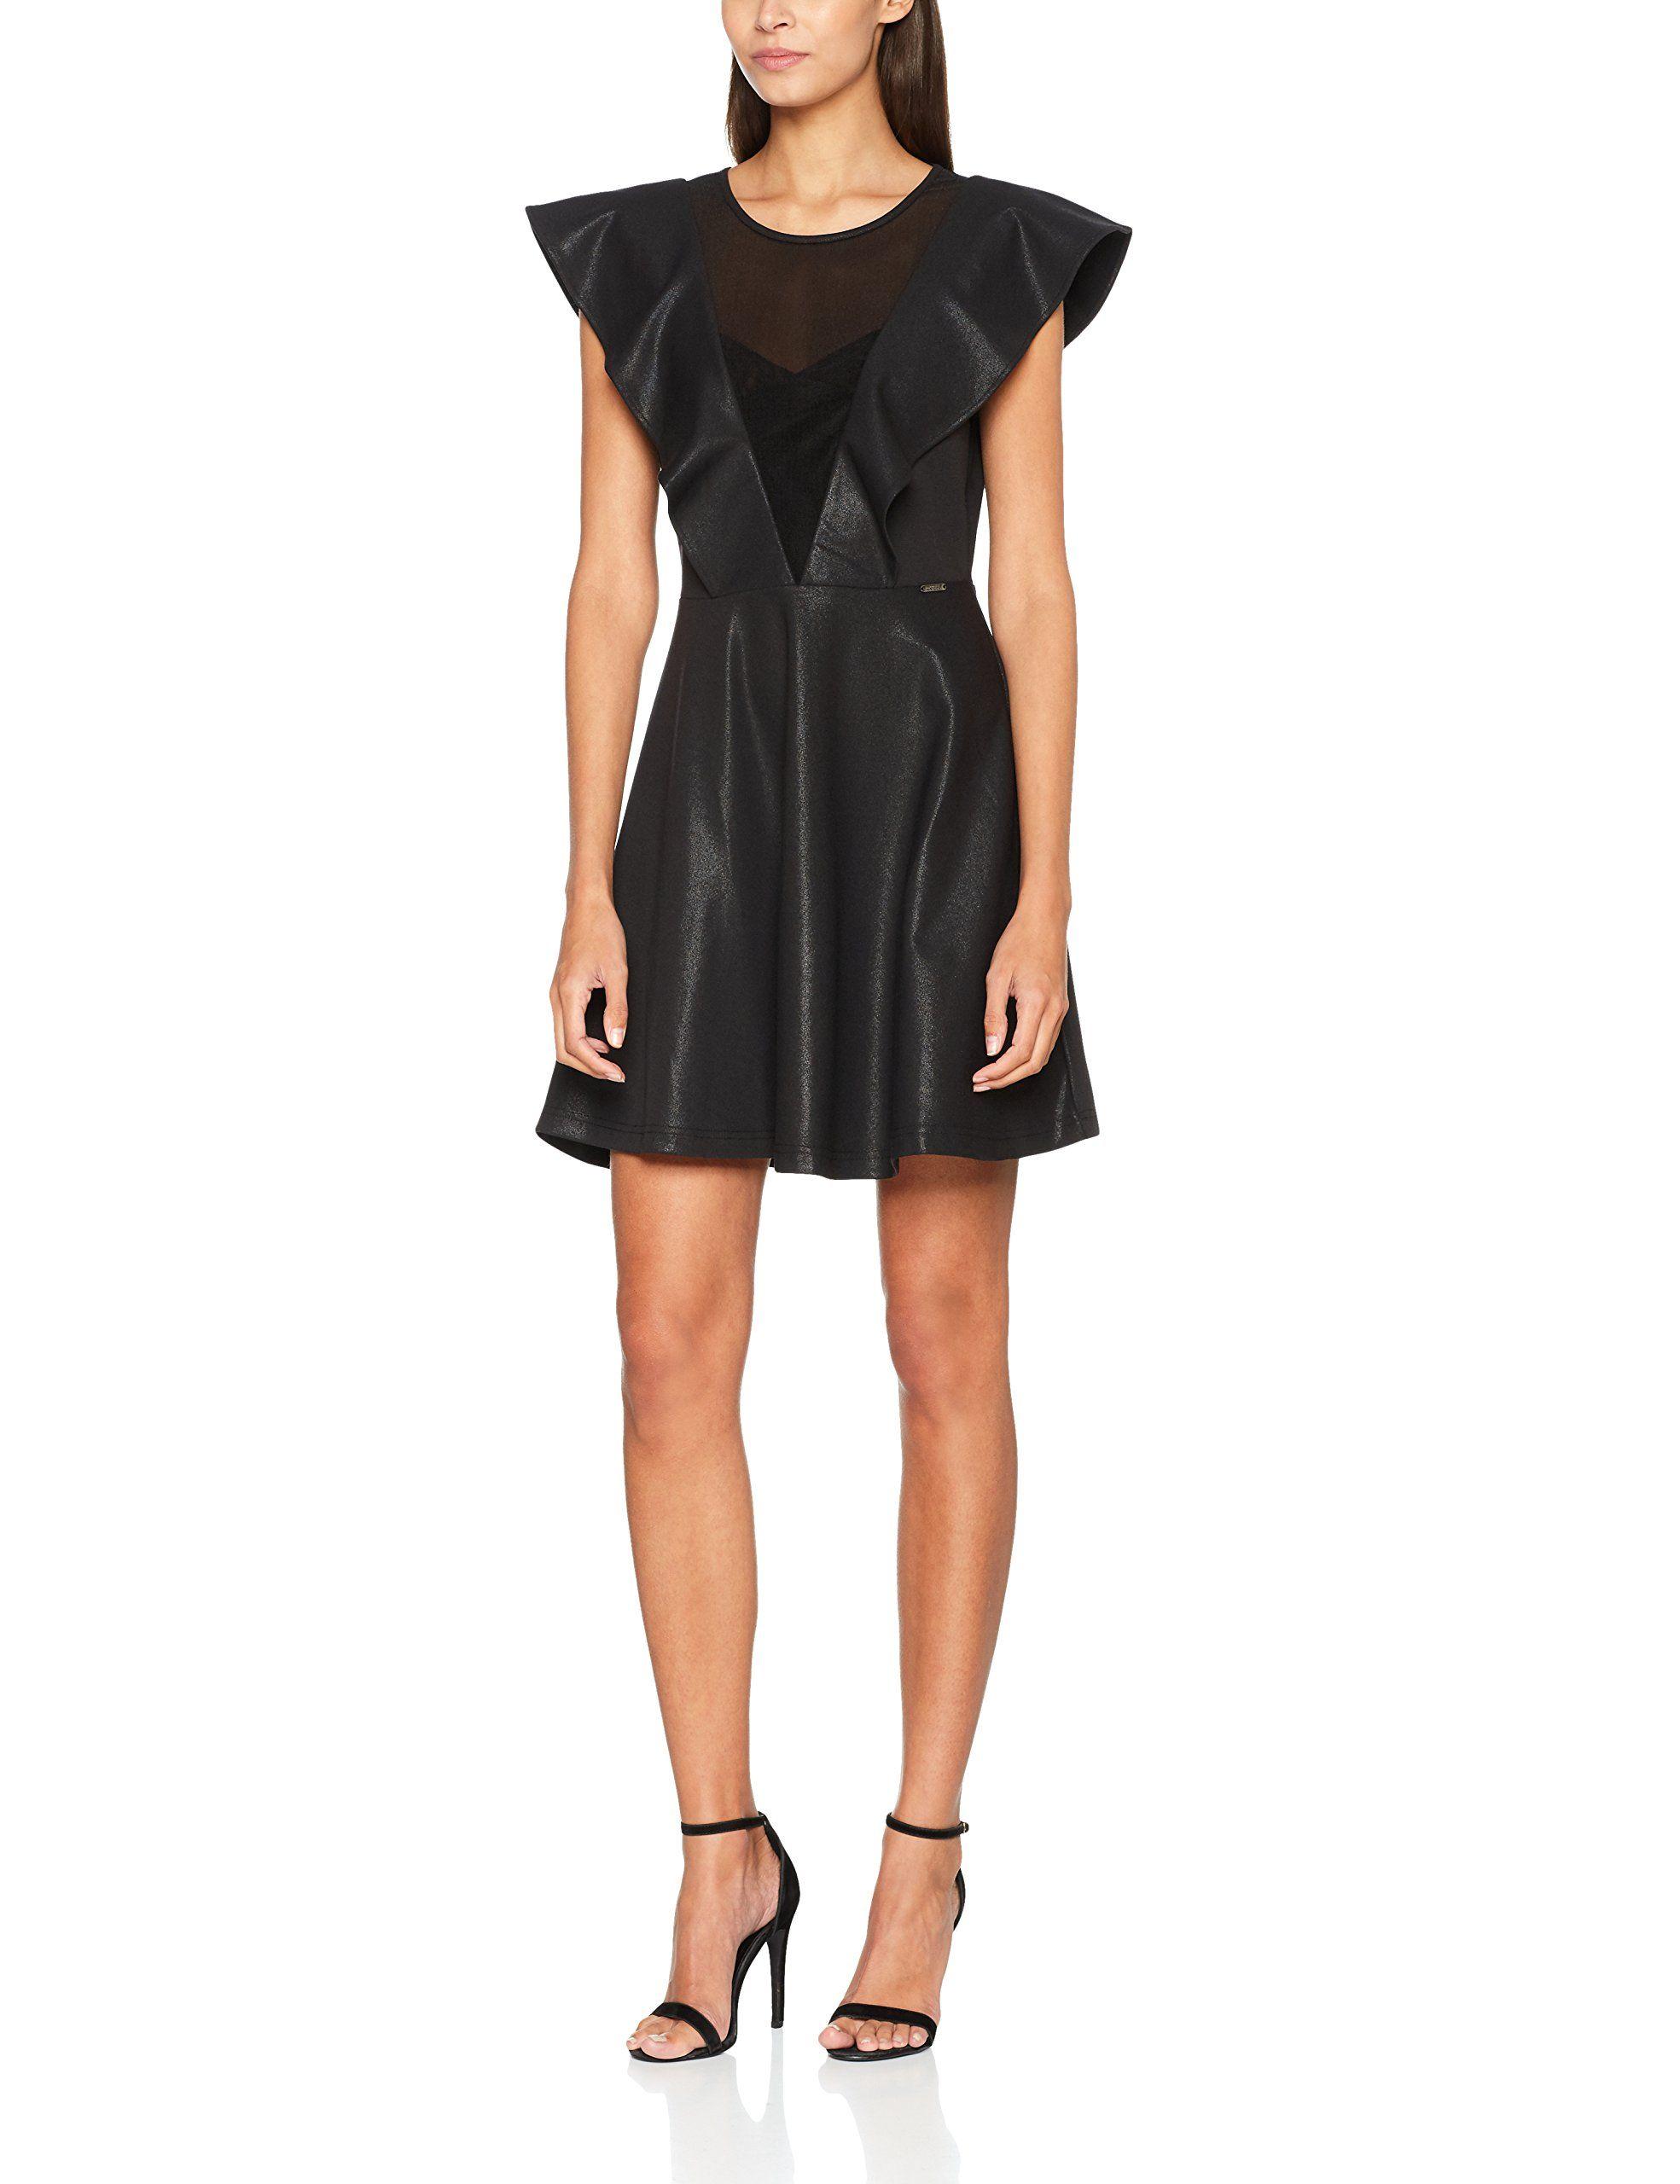 Guess Damen Lavinia Dress Kleid in 11  Little black dress